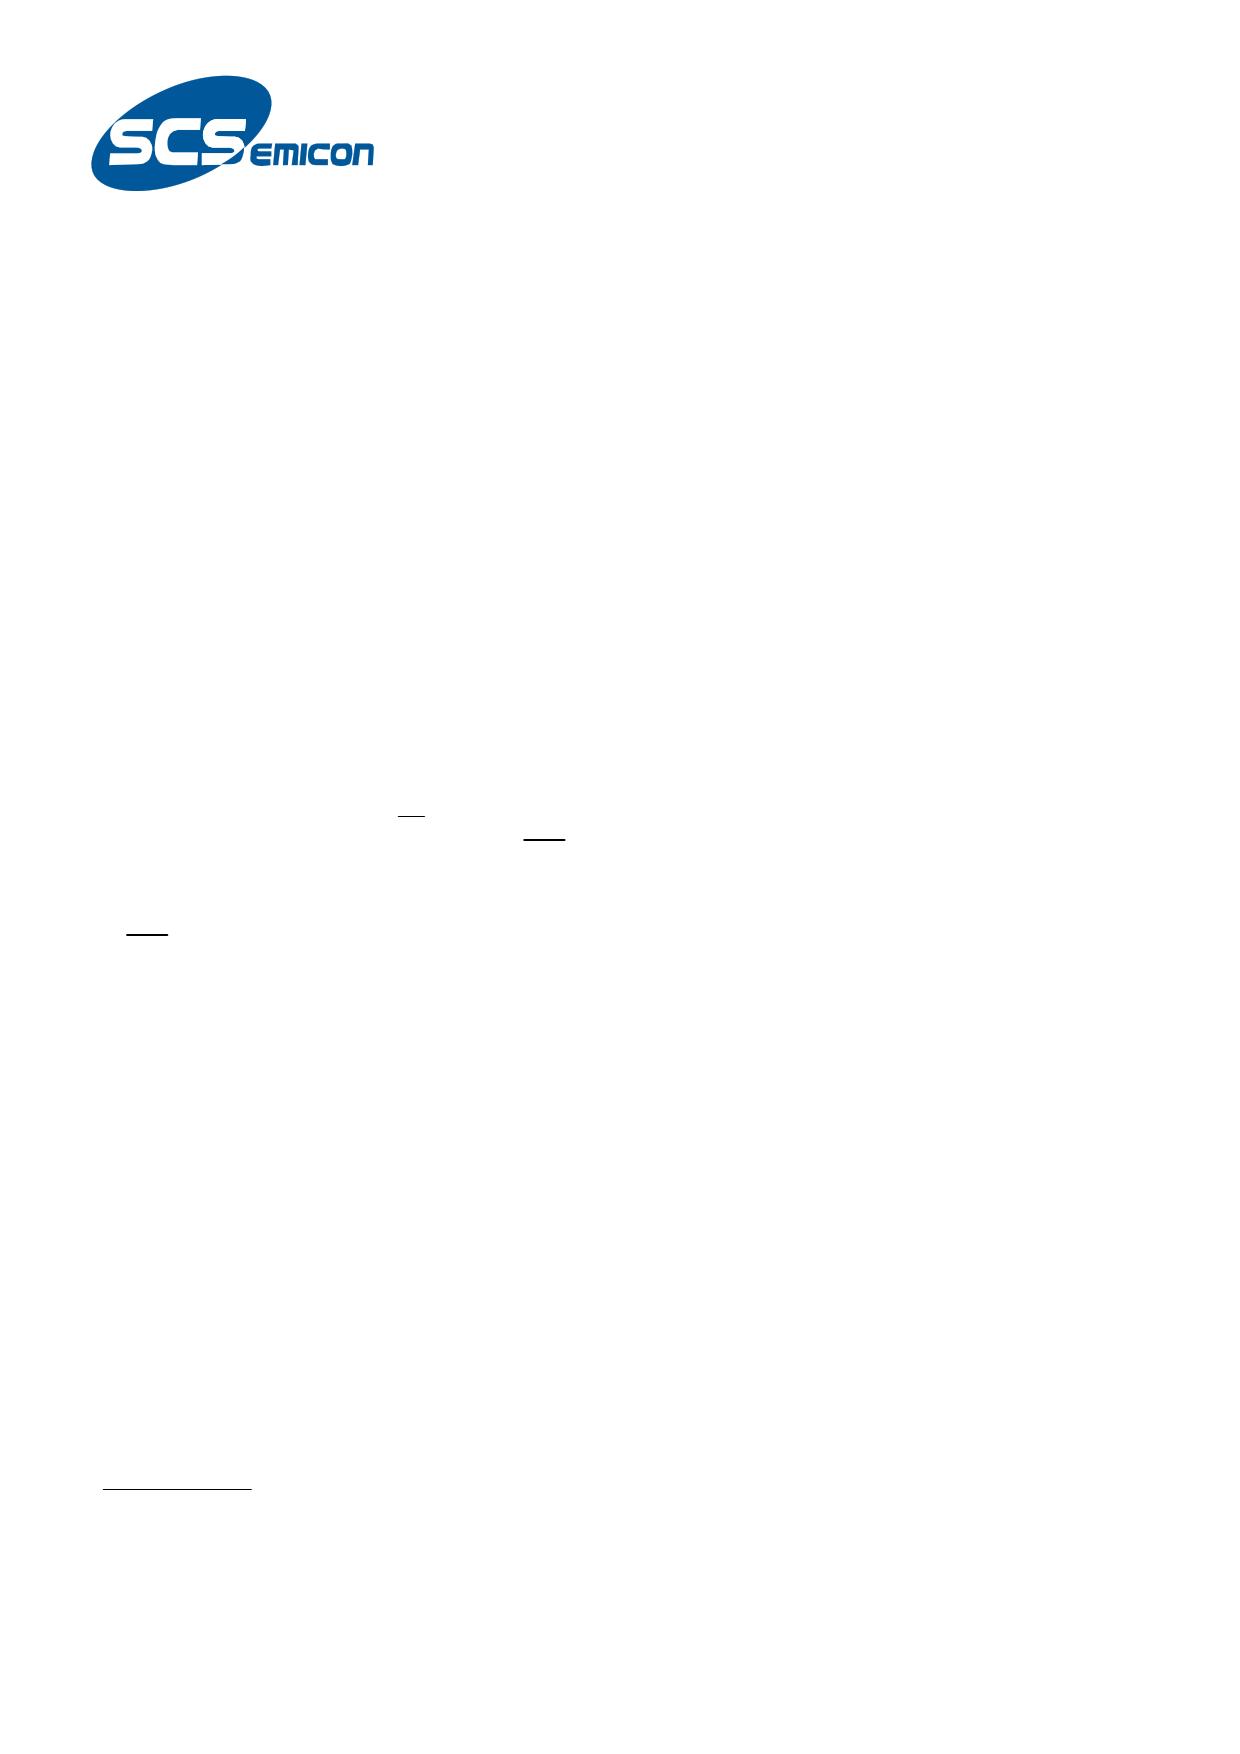 HXB15H1G160CF pdf, ピン配列